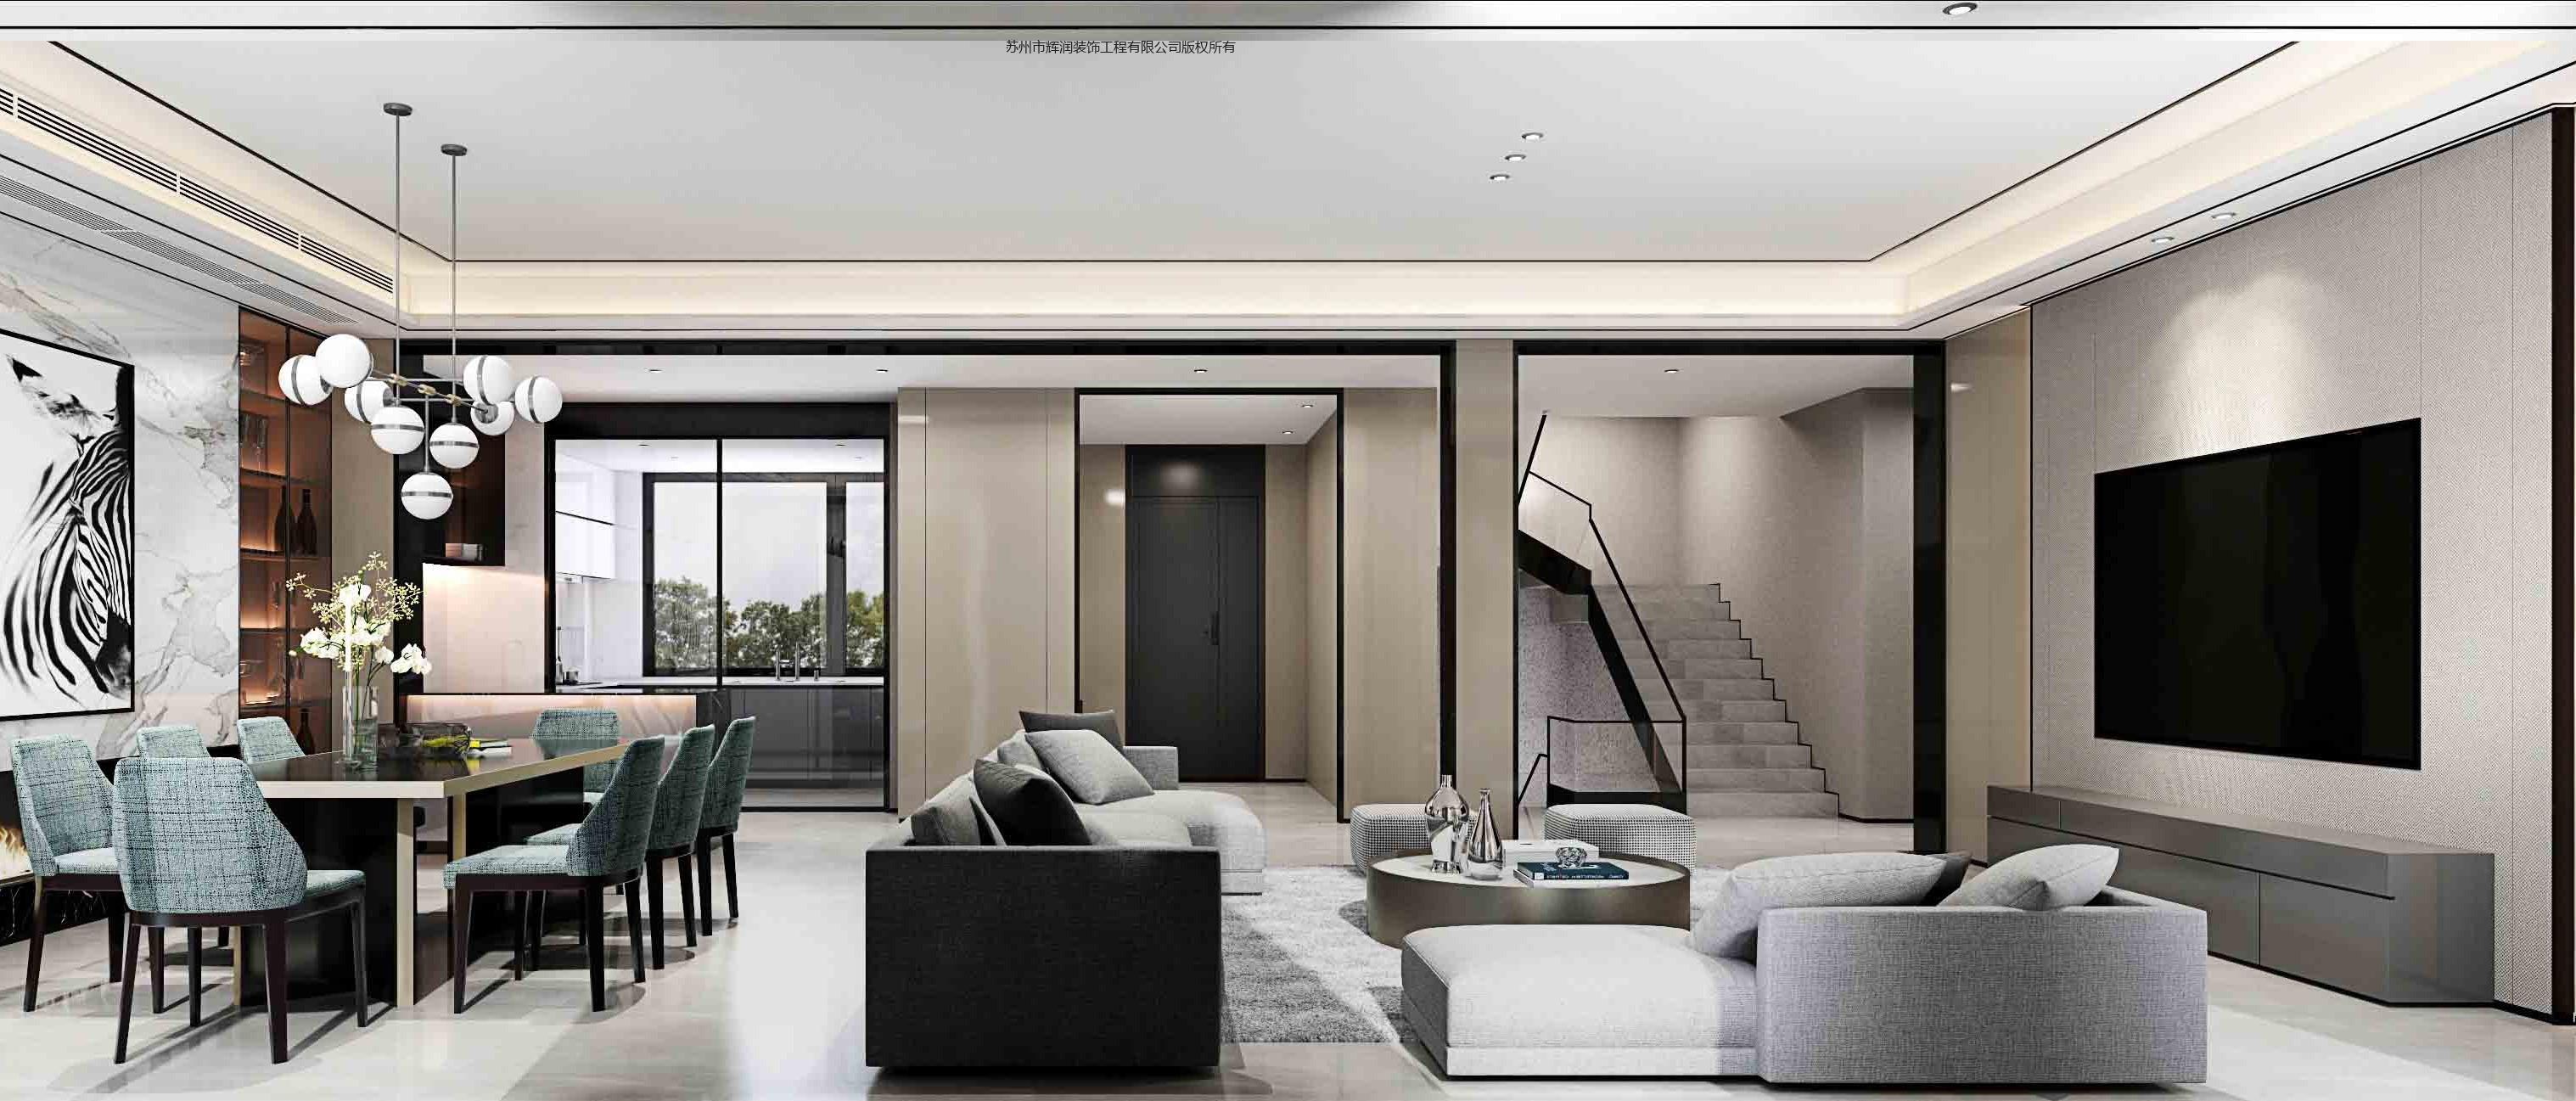 别墅案例图库之唤醒生活的闪光时刻客厅